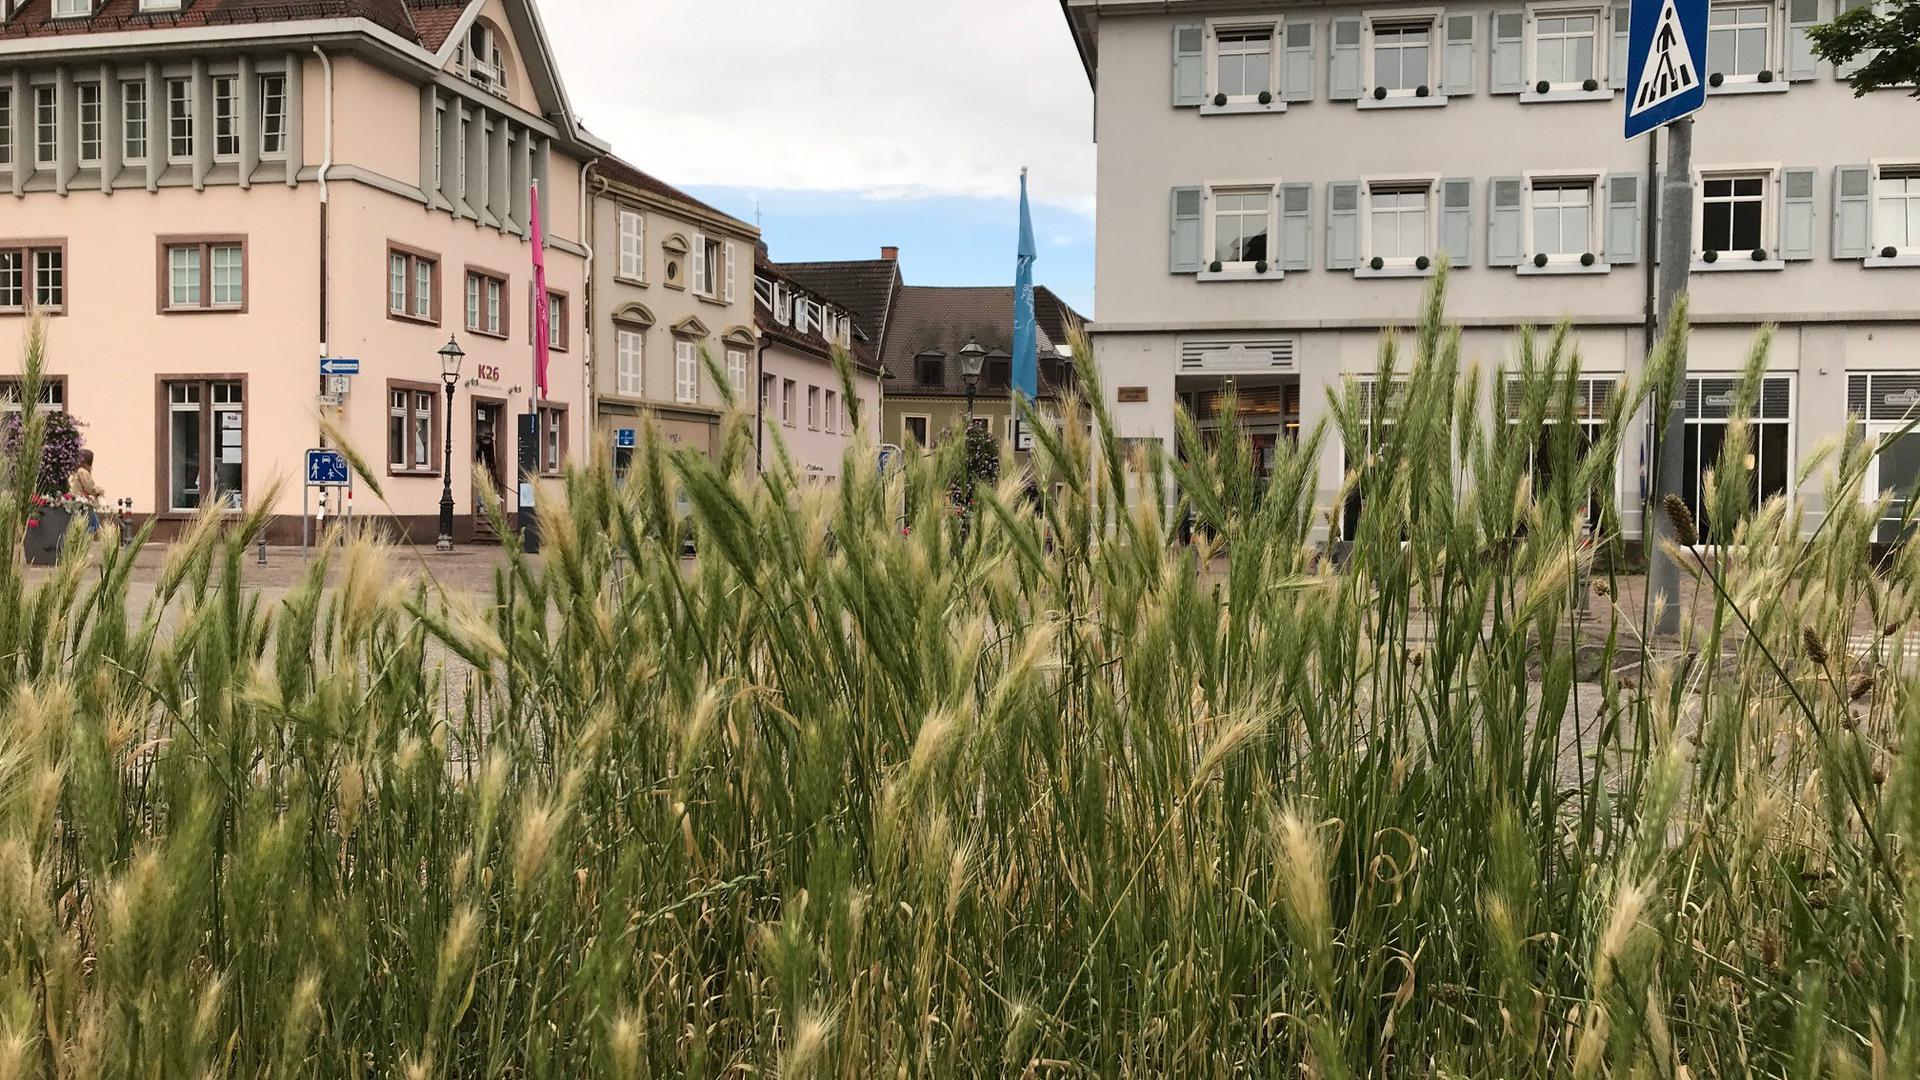 Gräser an der Straße